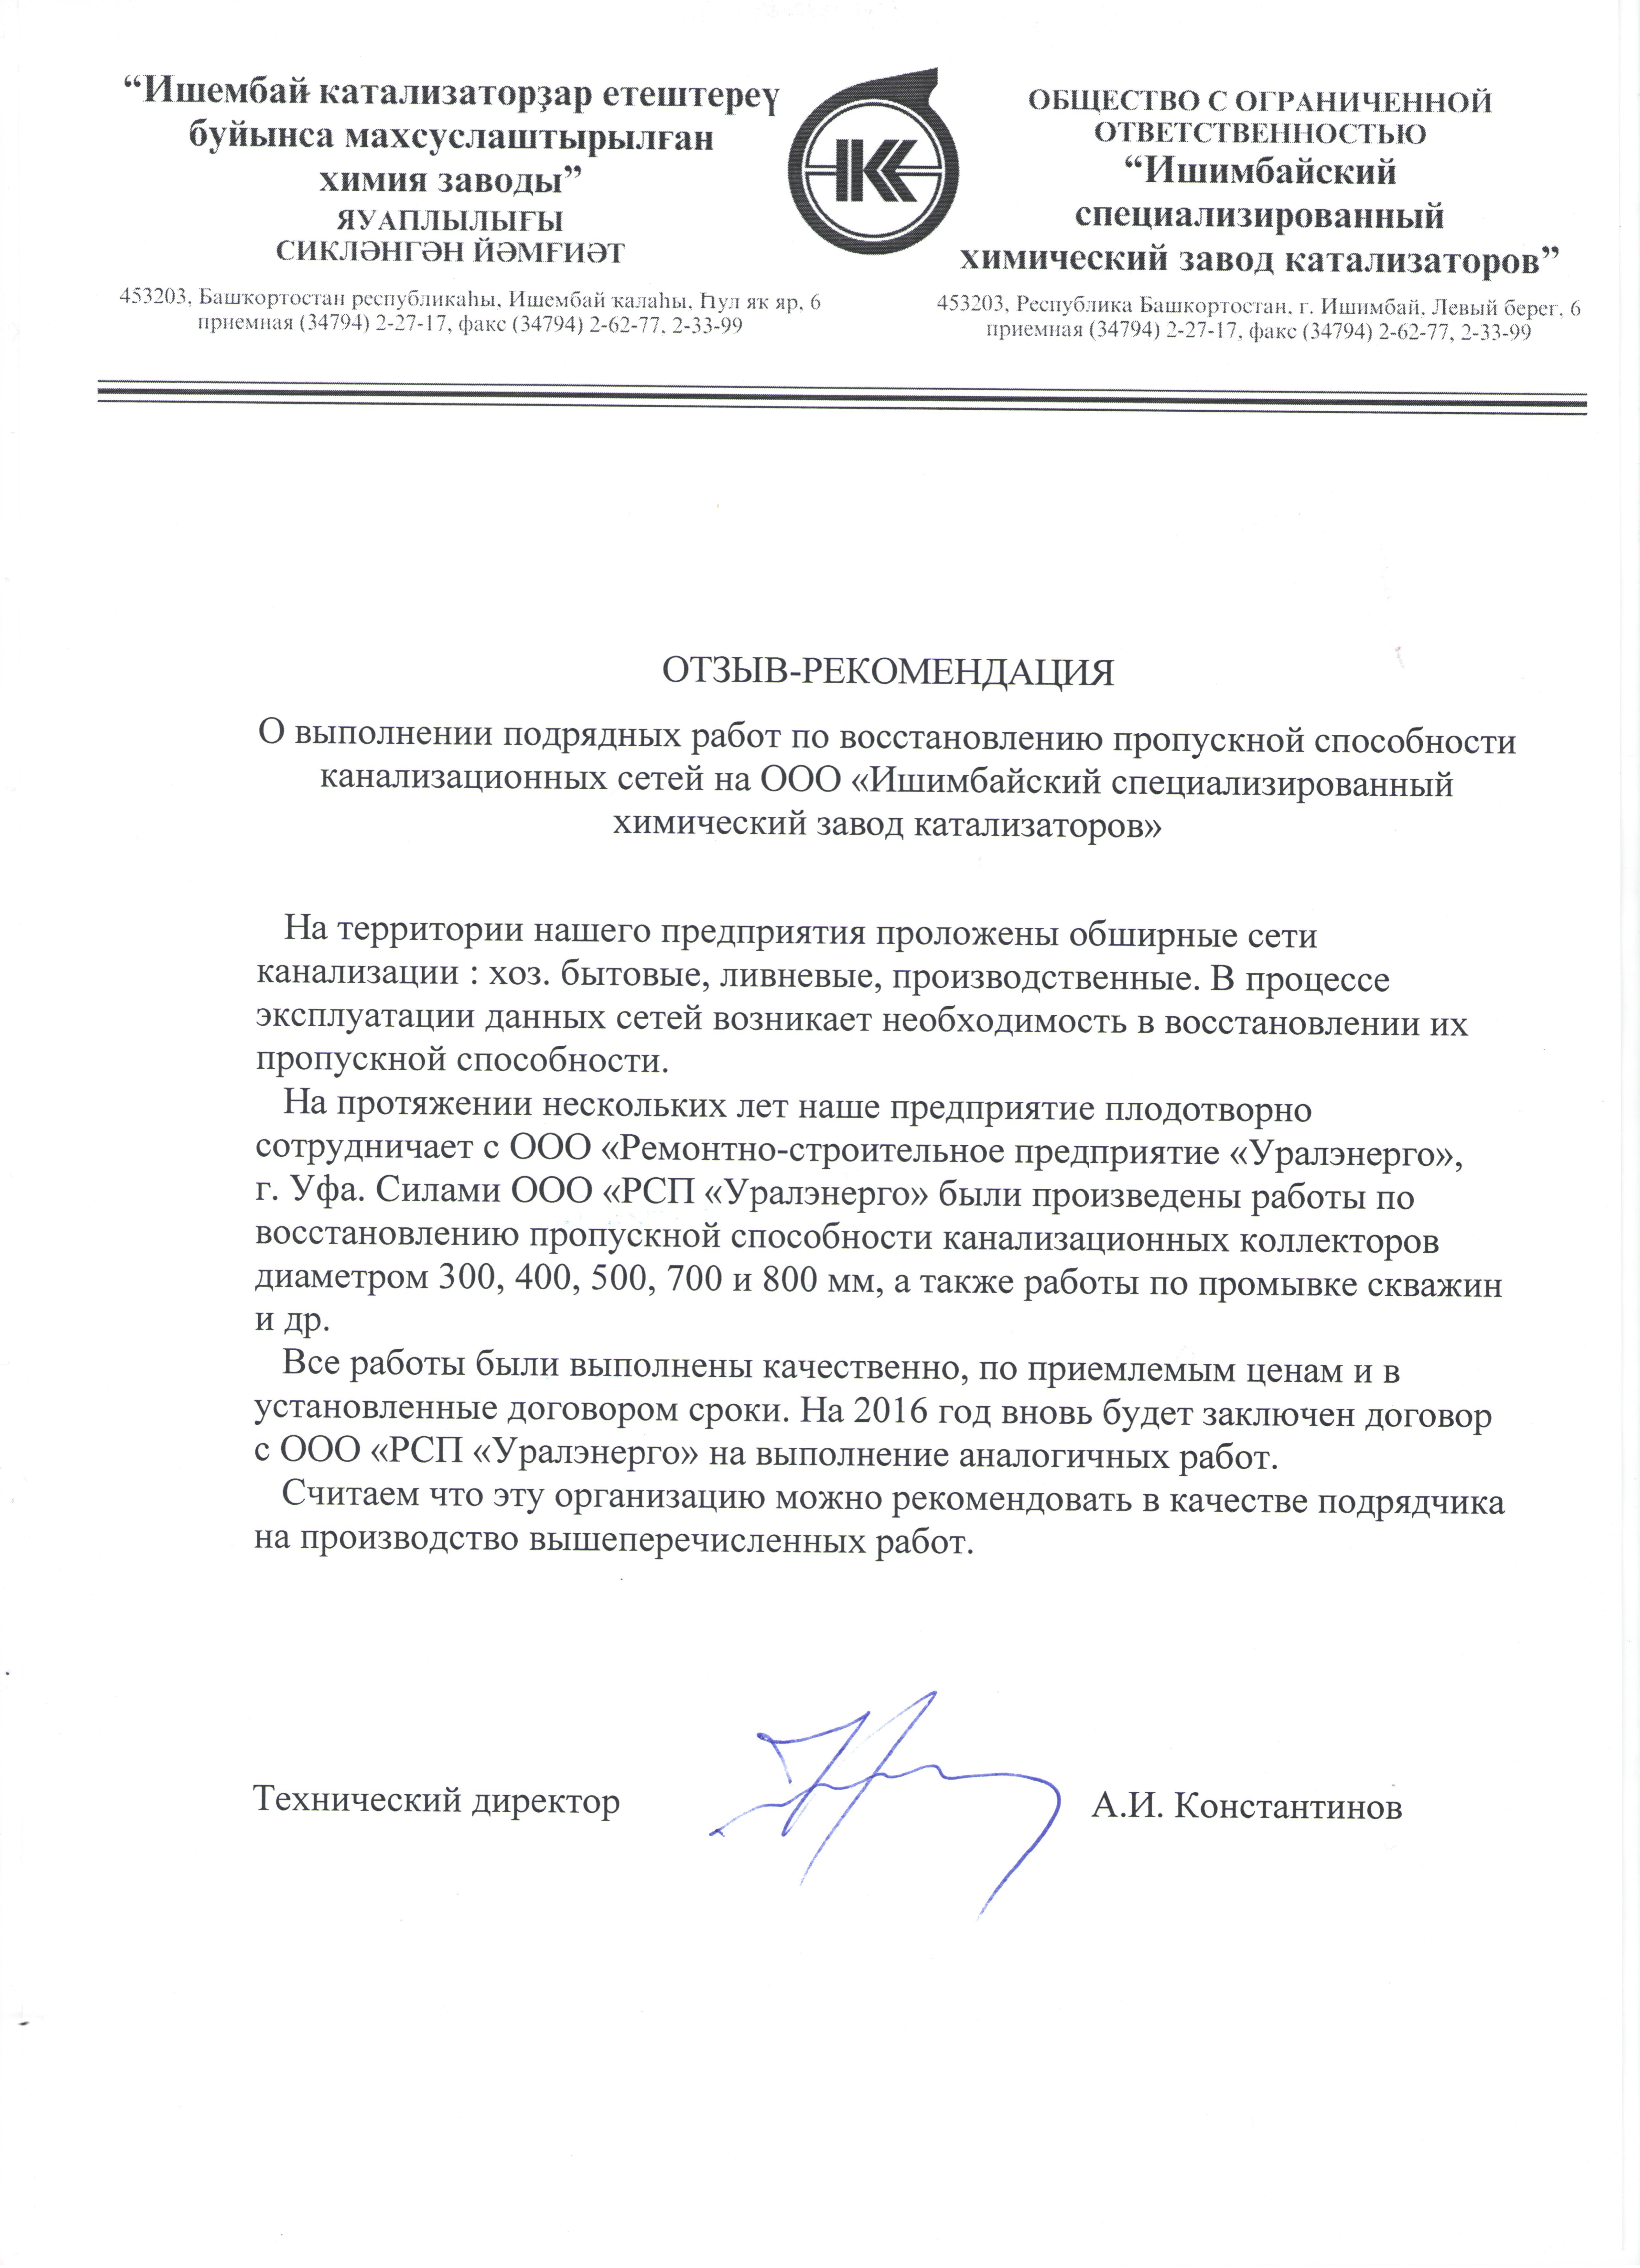 РСП Уралэнерго 2